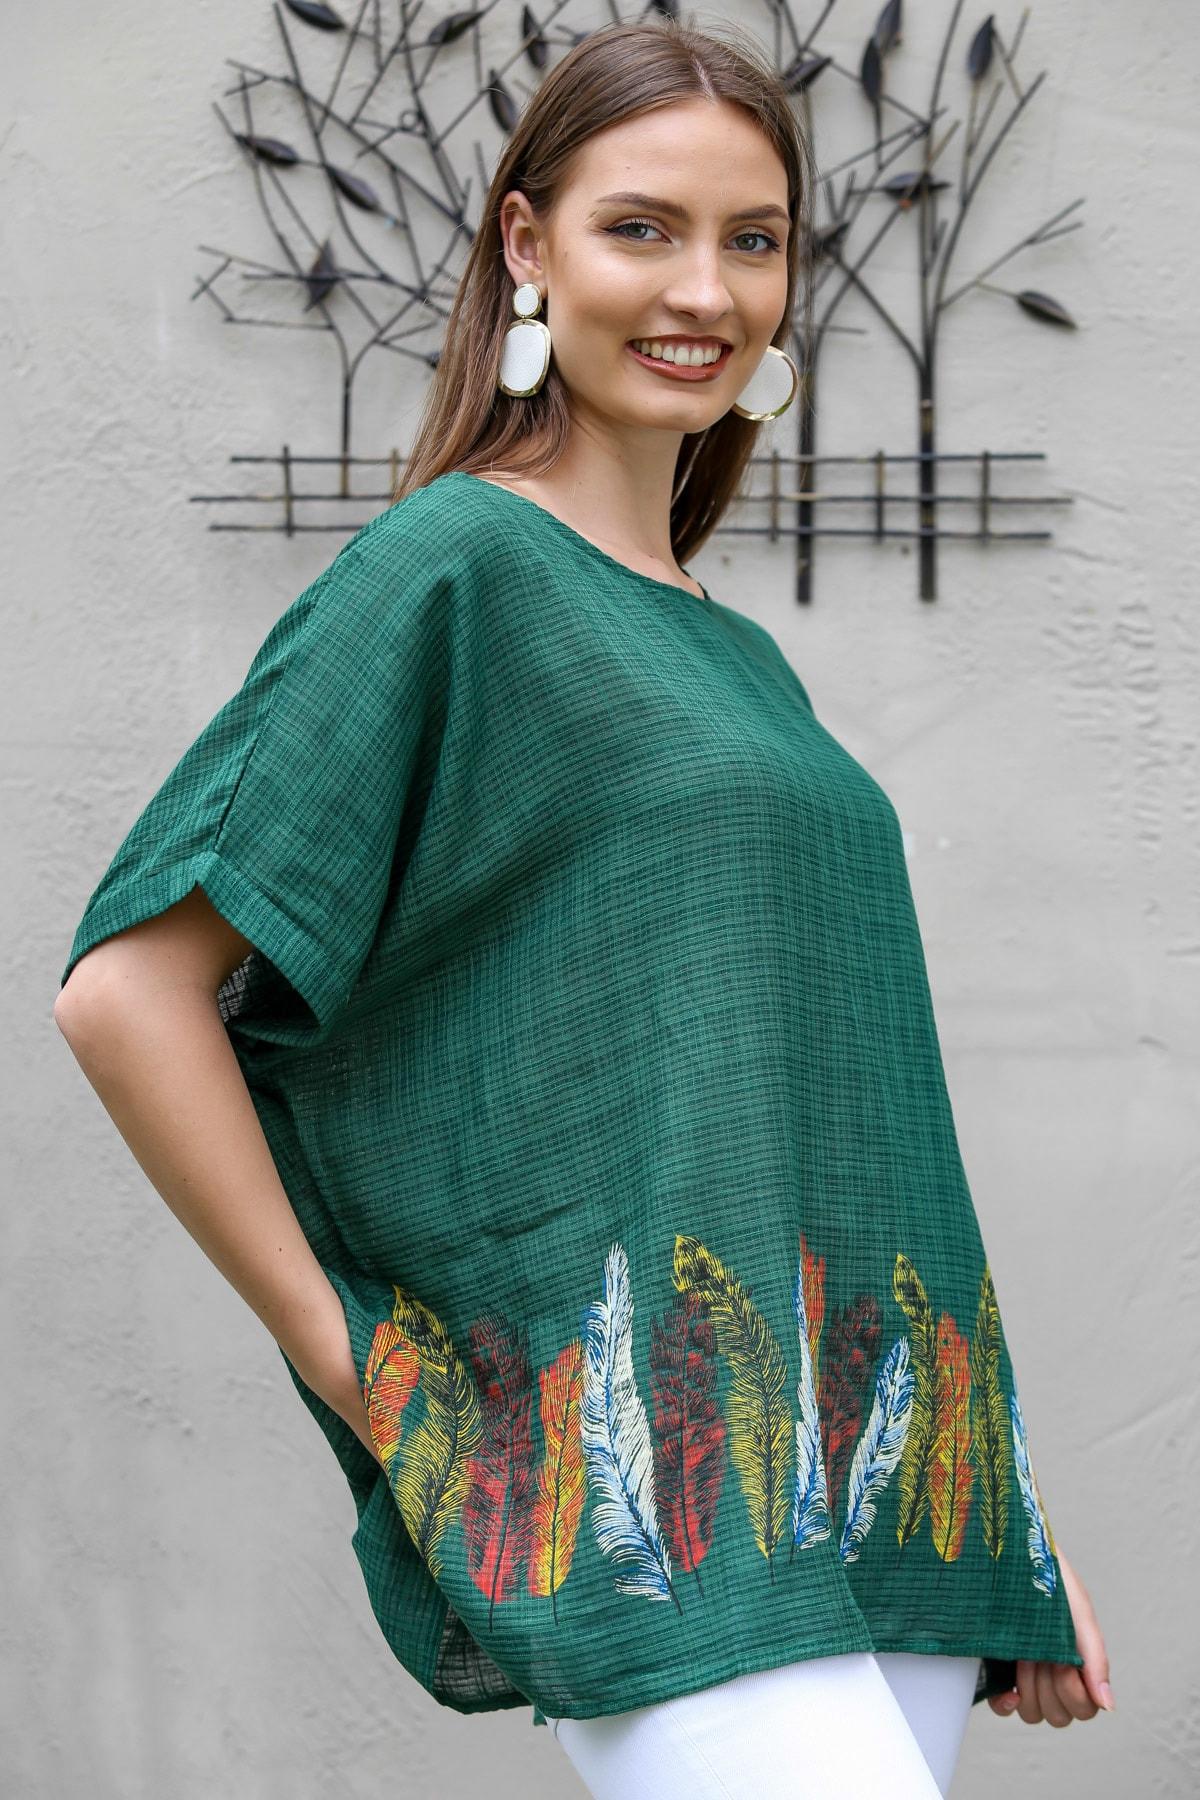 Chiccy Kadın Yeşil Sıfır Yaka Etek Ucu Tüy Baskılı Oversize Kısa Kollu Dokuma Bluz M10010200BL95309